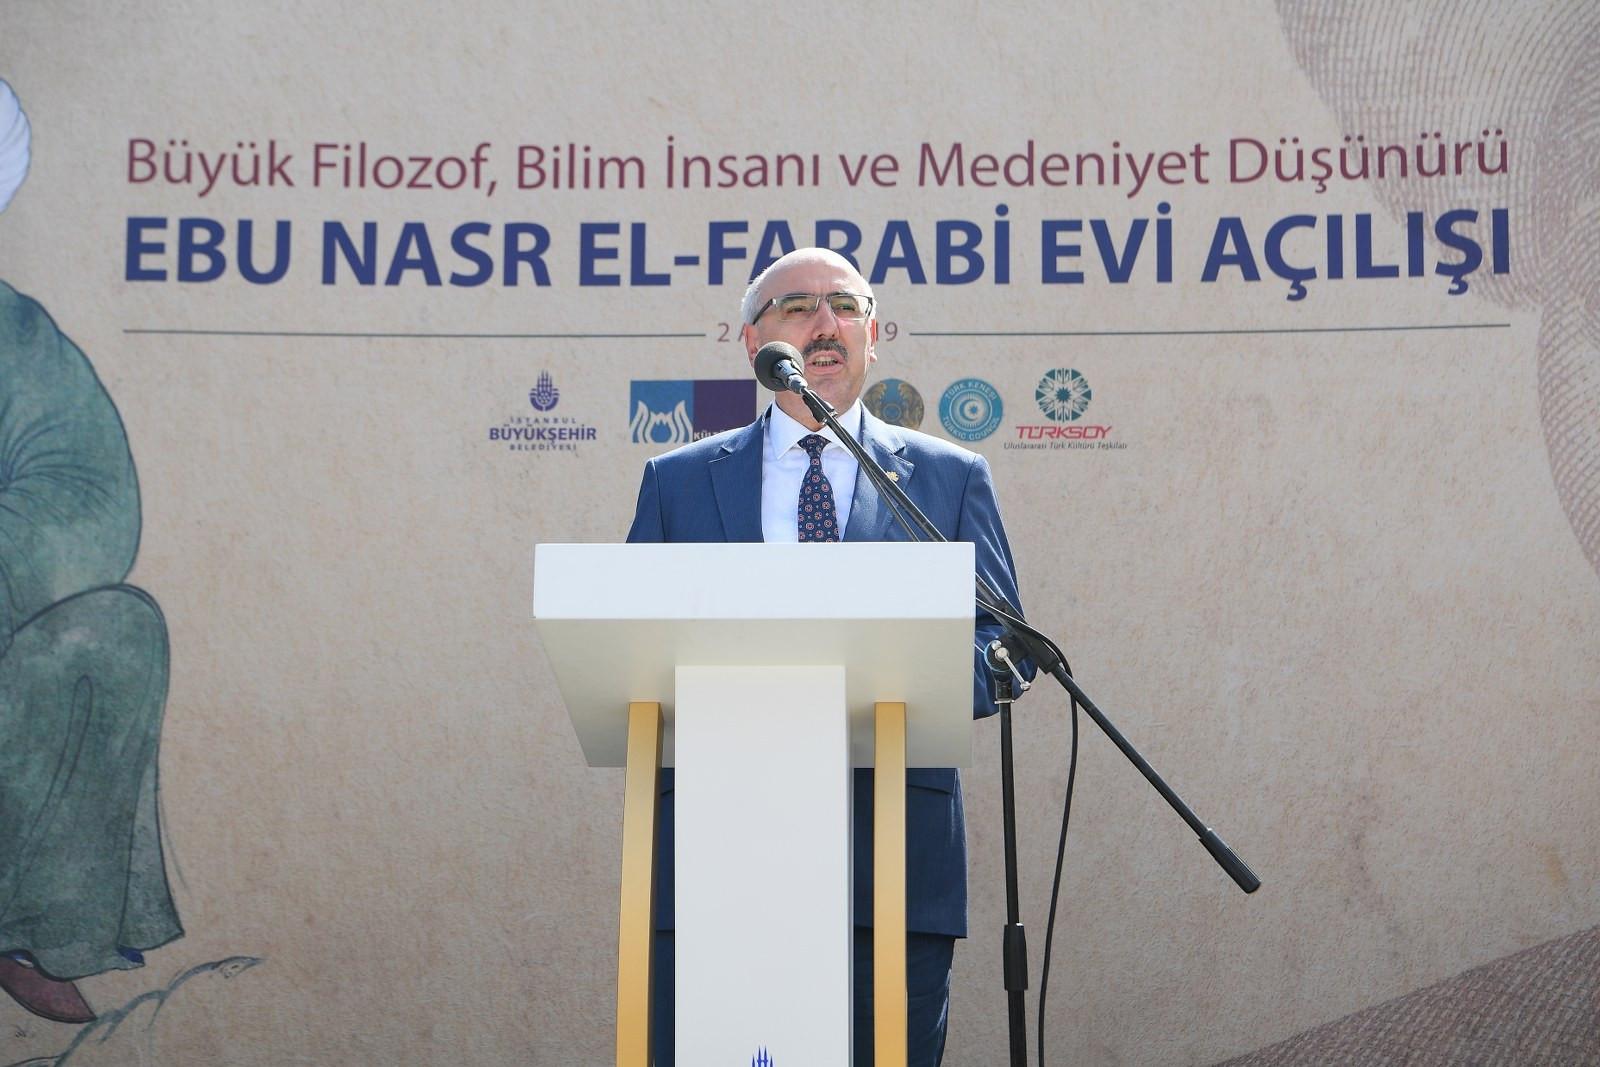 Ebu Nasr El Farabi Evi açıldı Galeri - 8. Resim